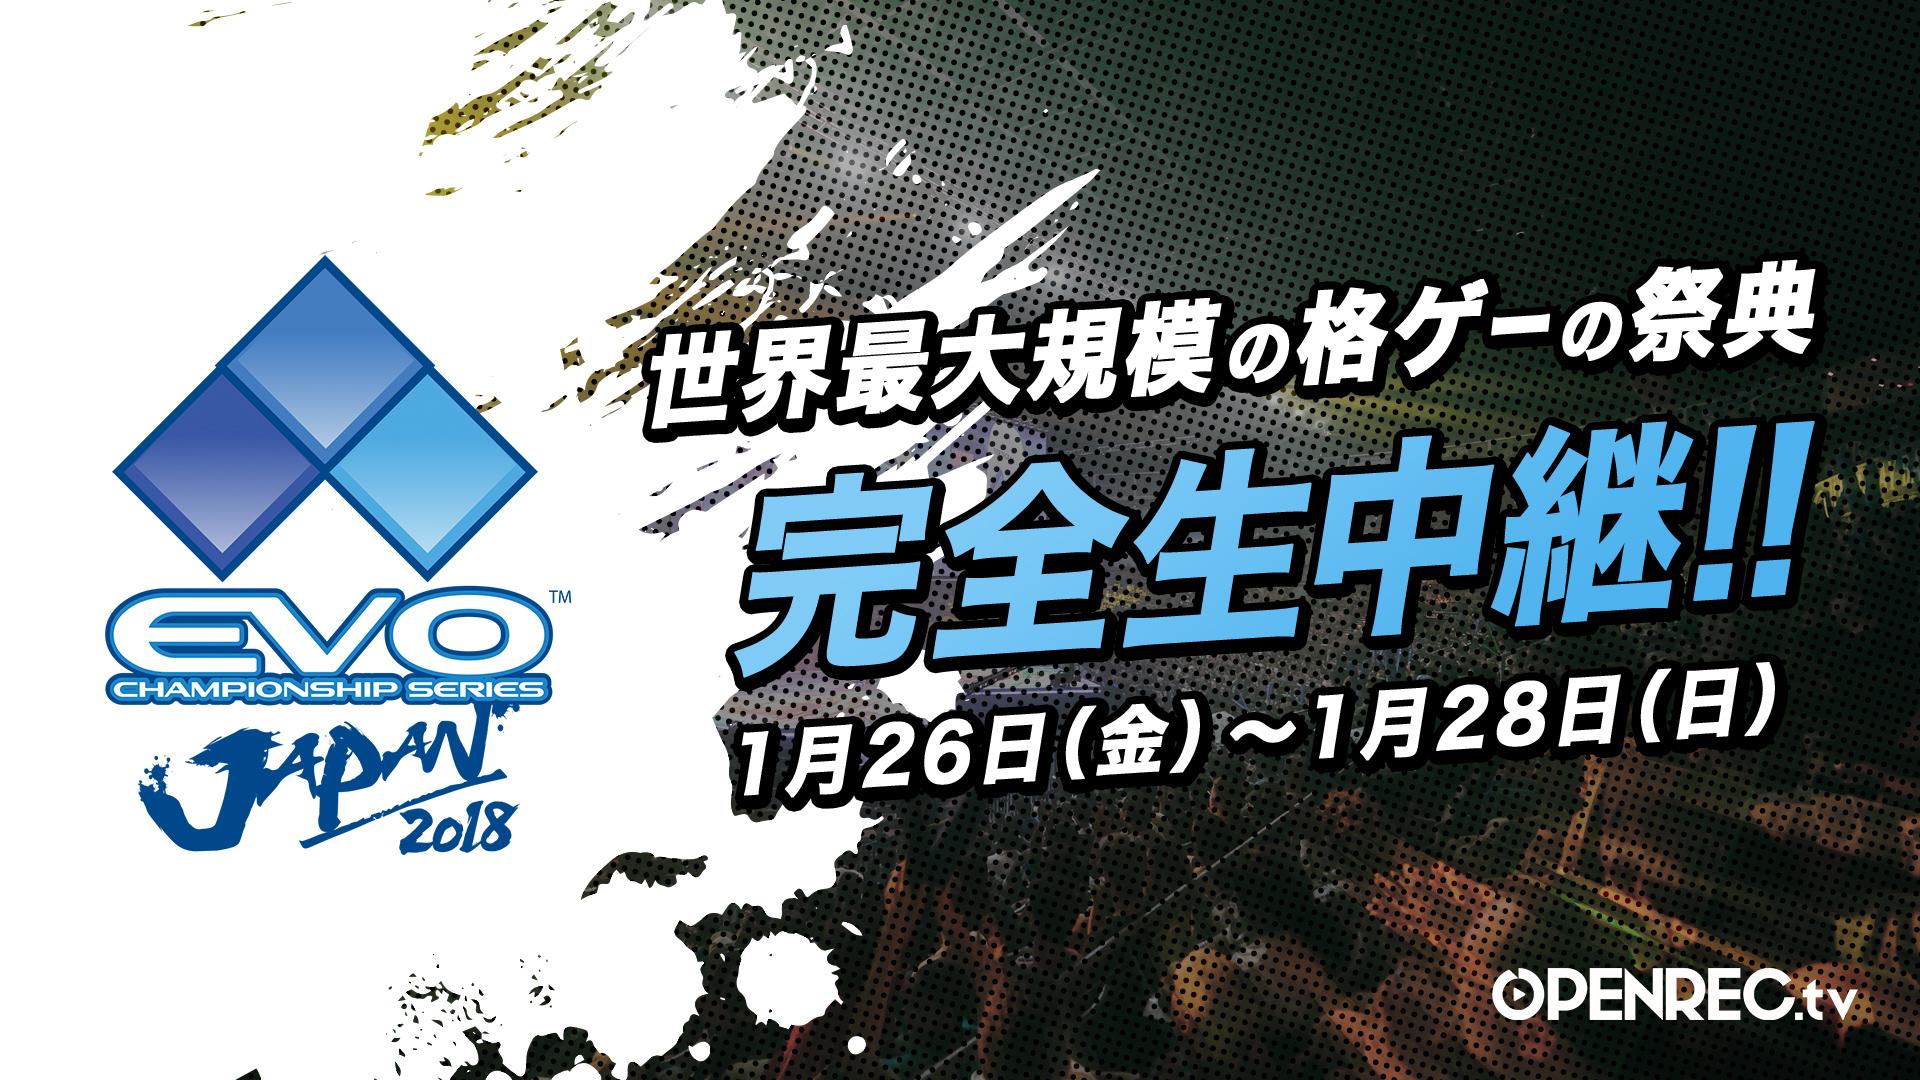 日本初上陸のeスポーツ大会「EVO Japan 2018」の生放送が決定! ~全種目タイトルの完全生中継は「OPENREC.tv」でのみ放送を予定~